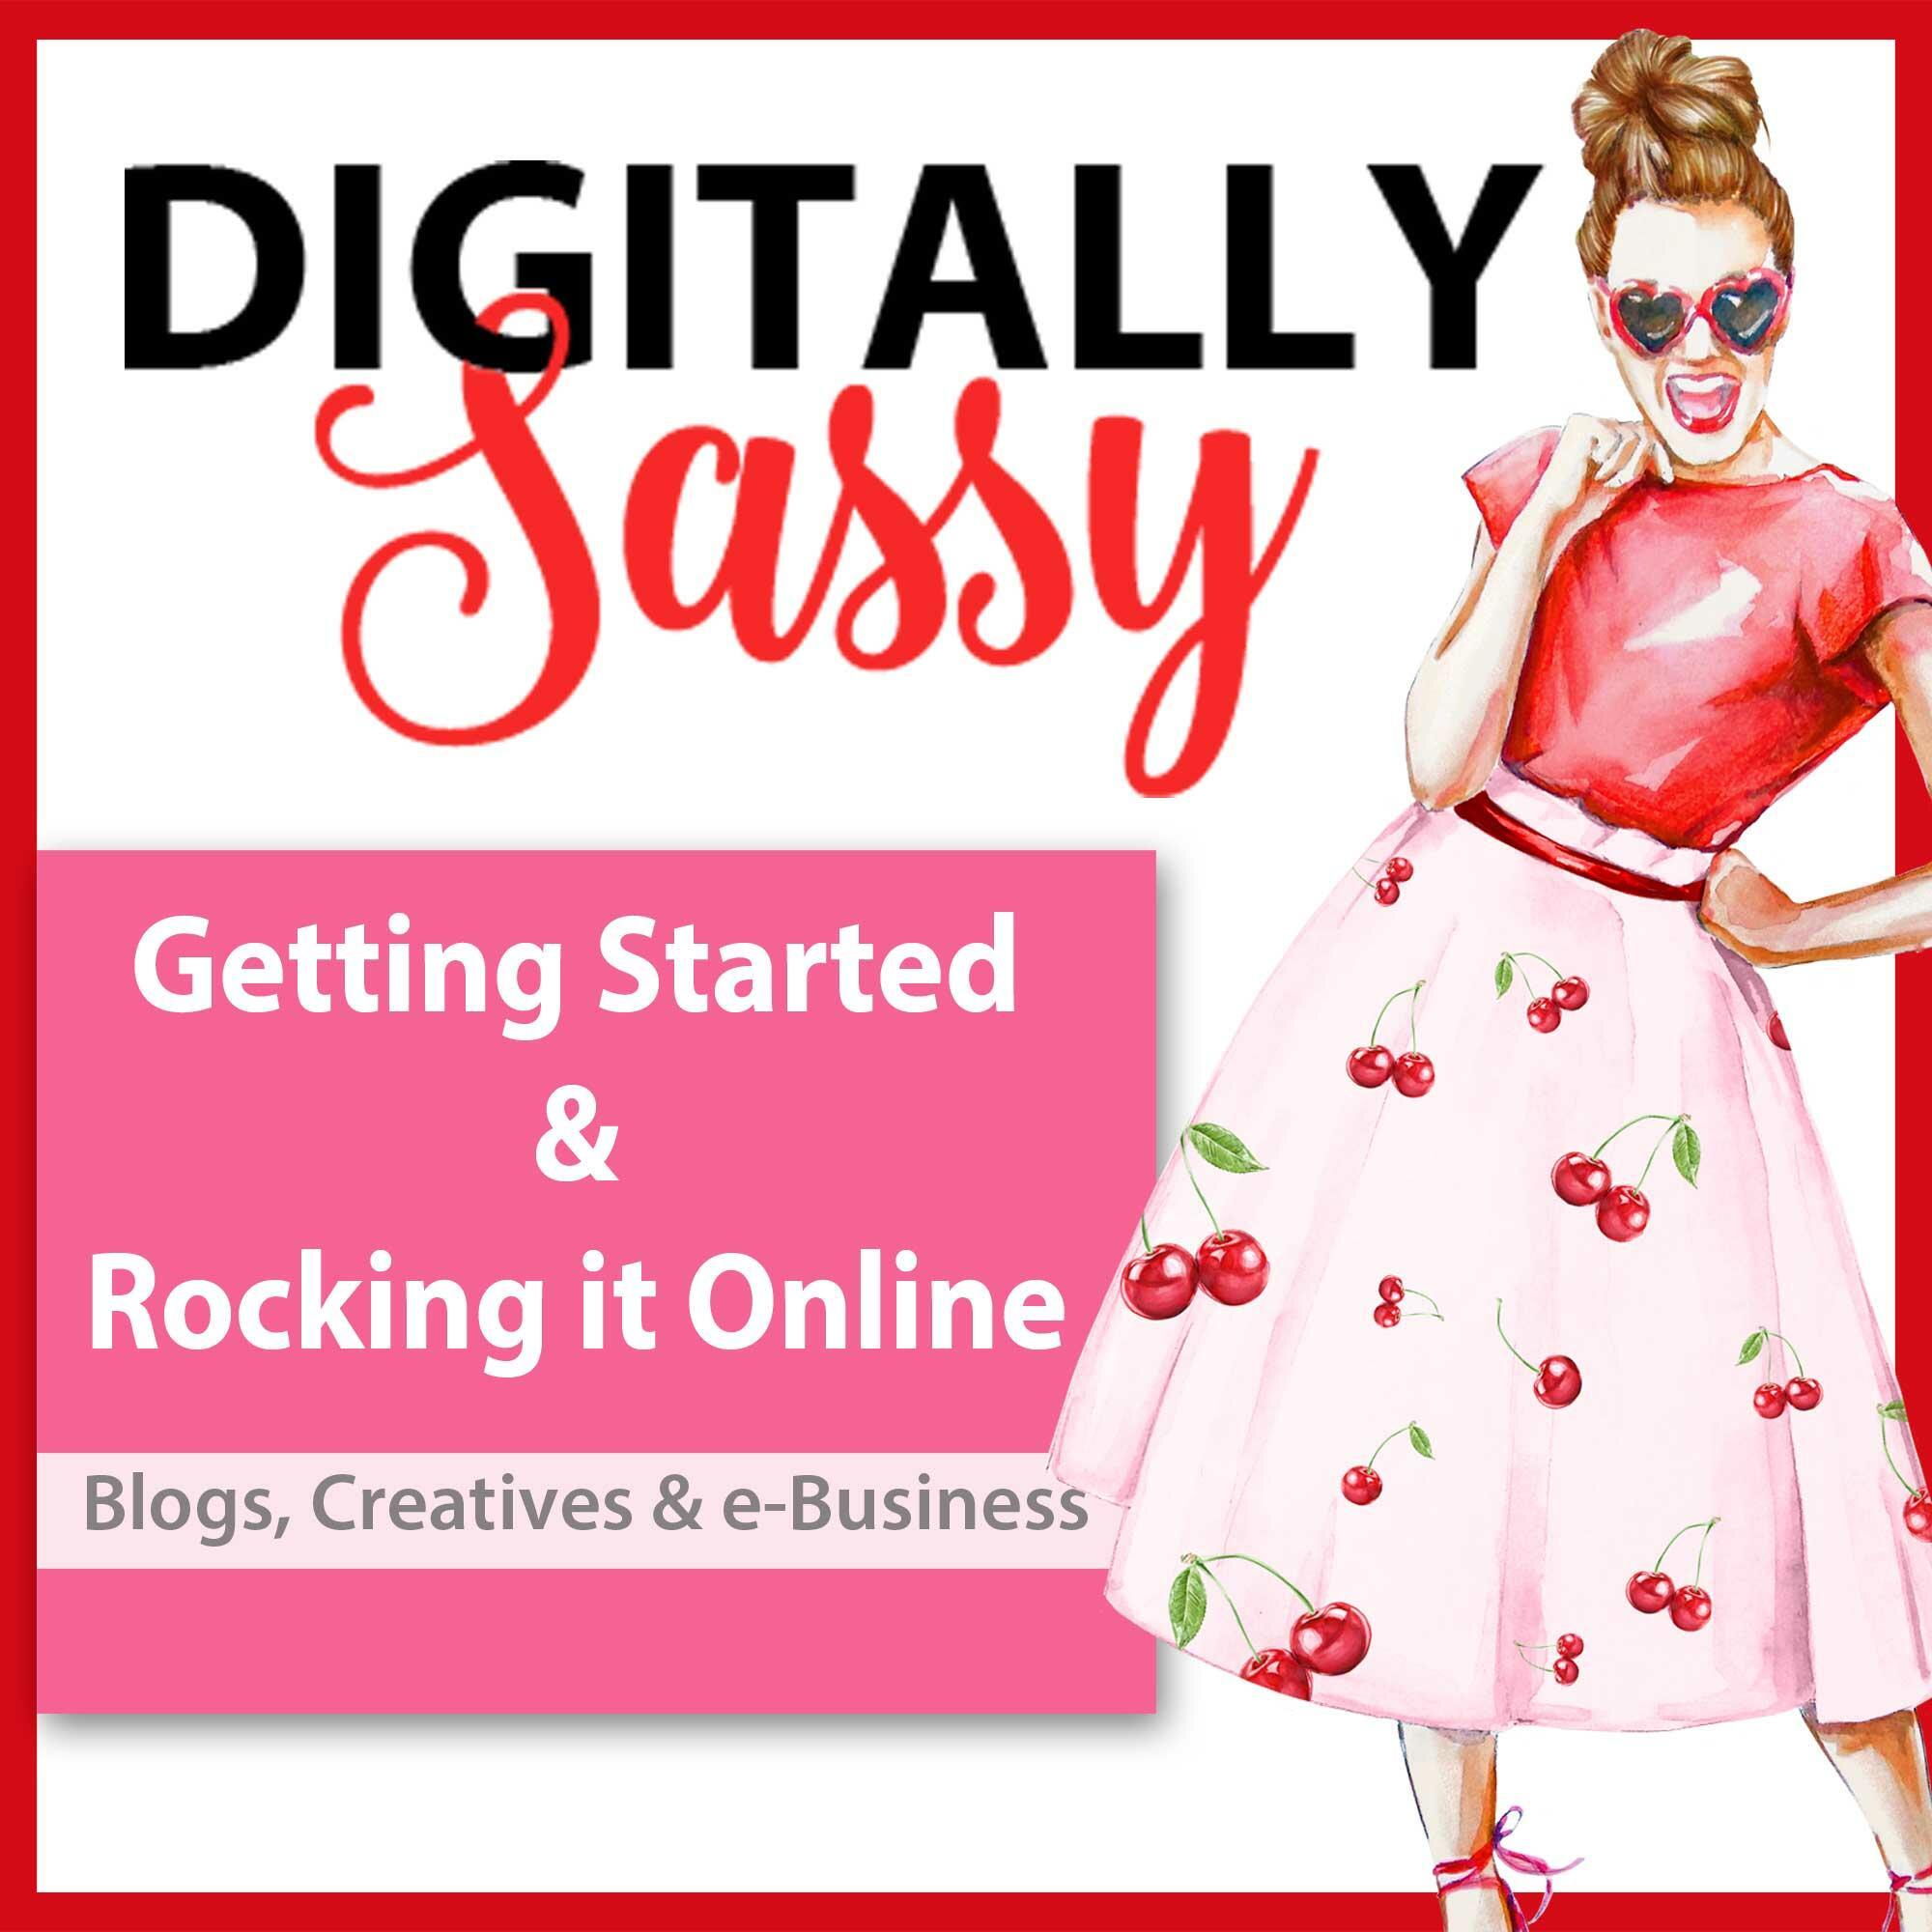 Digitally Sassy